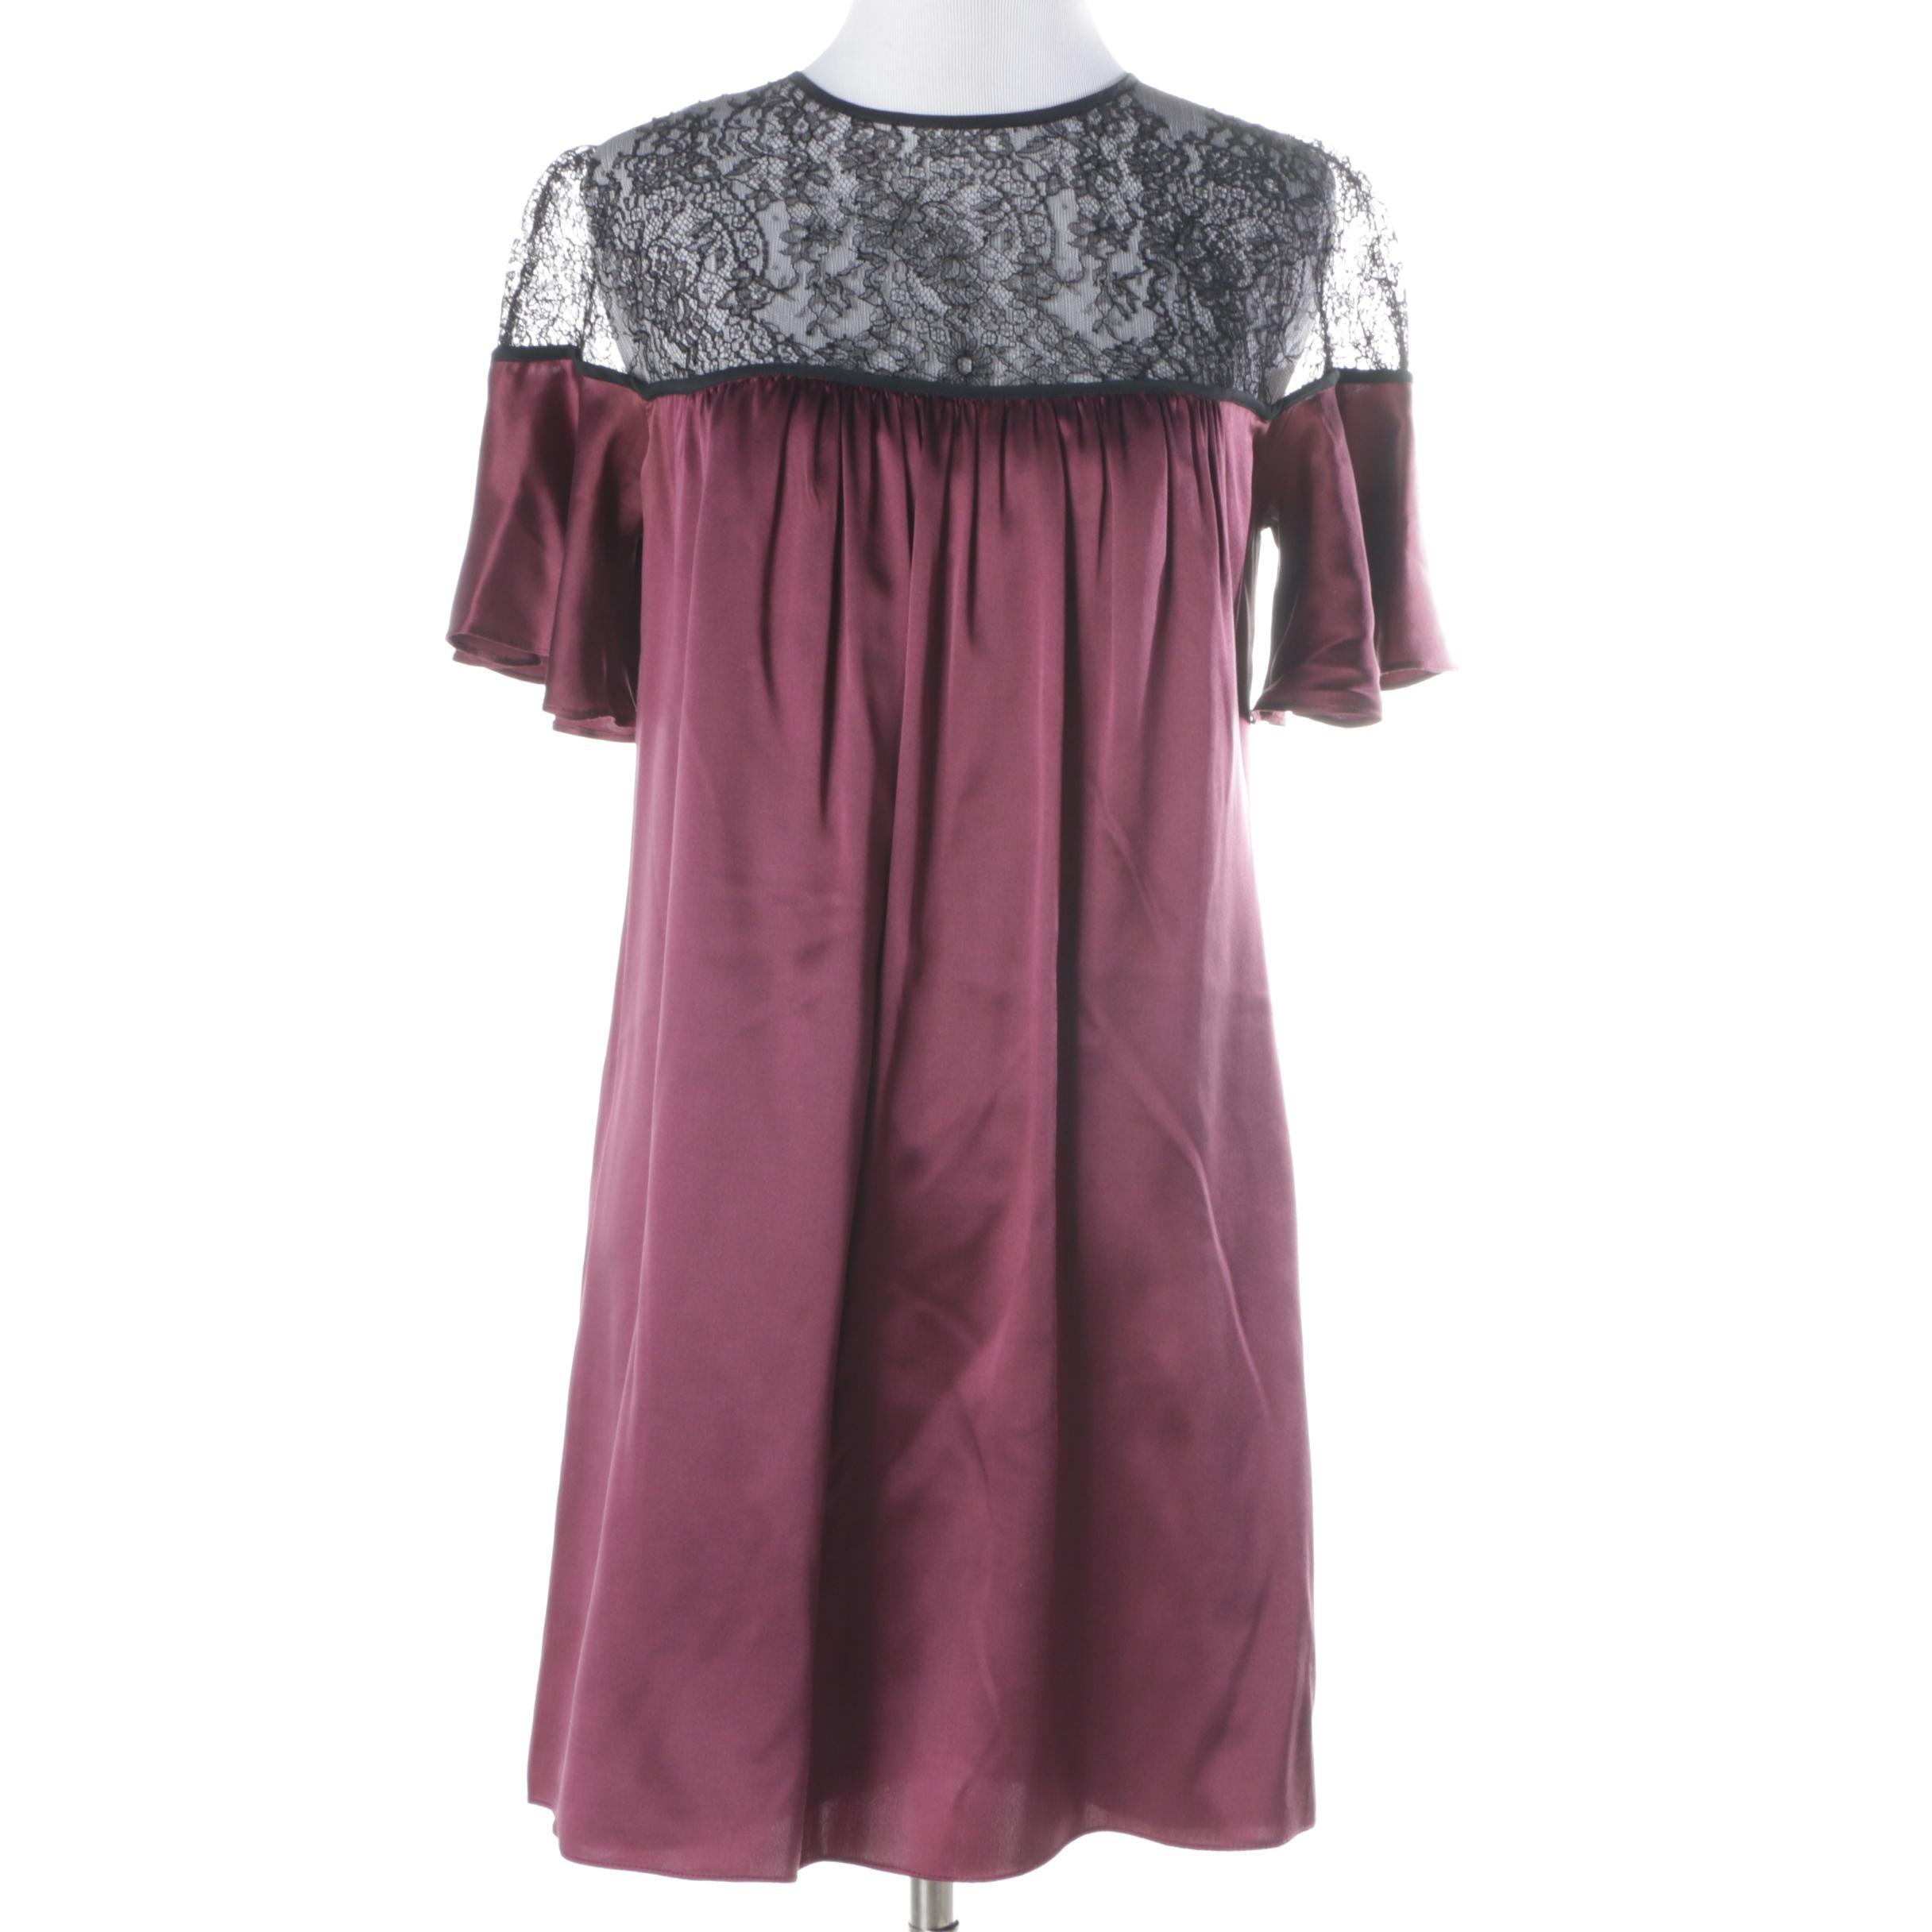 Women's Silk Dress By Katy Rodriguez